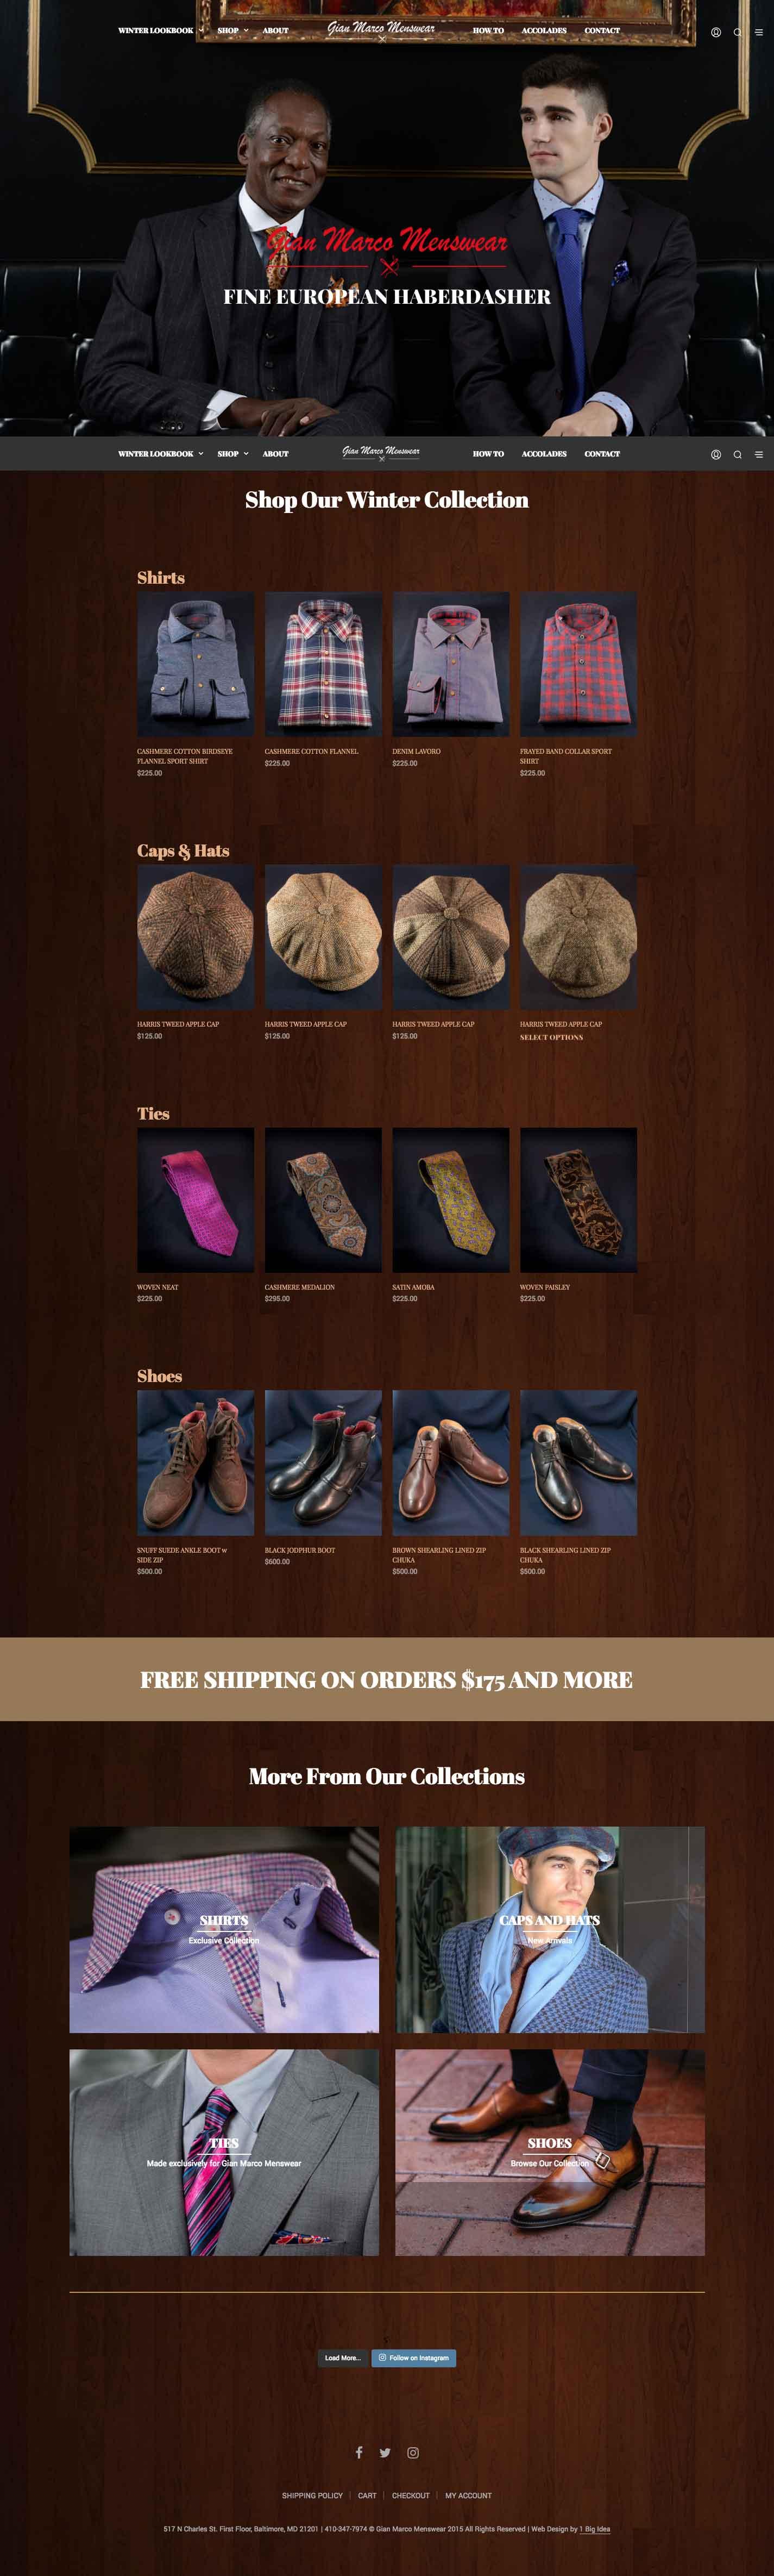 Gian-Marco-Menswear-Luxury-European-Menswear